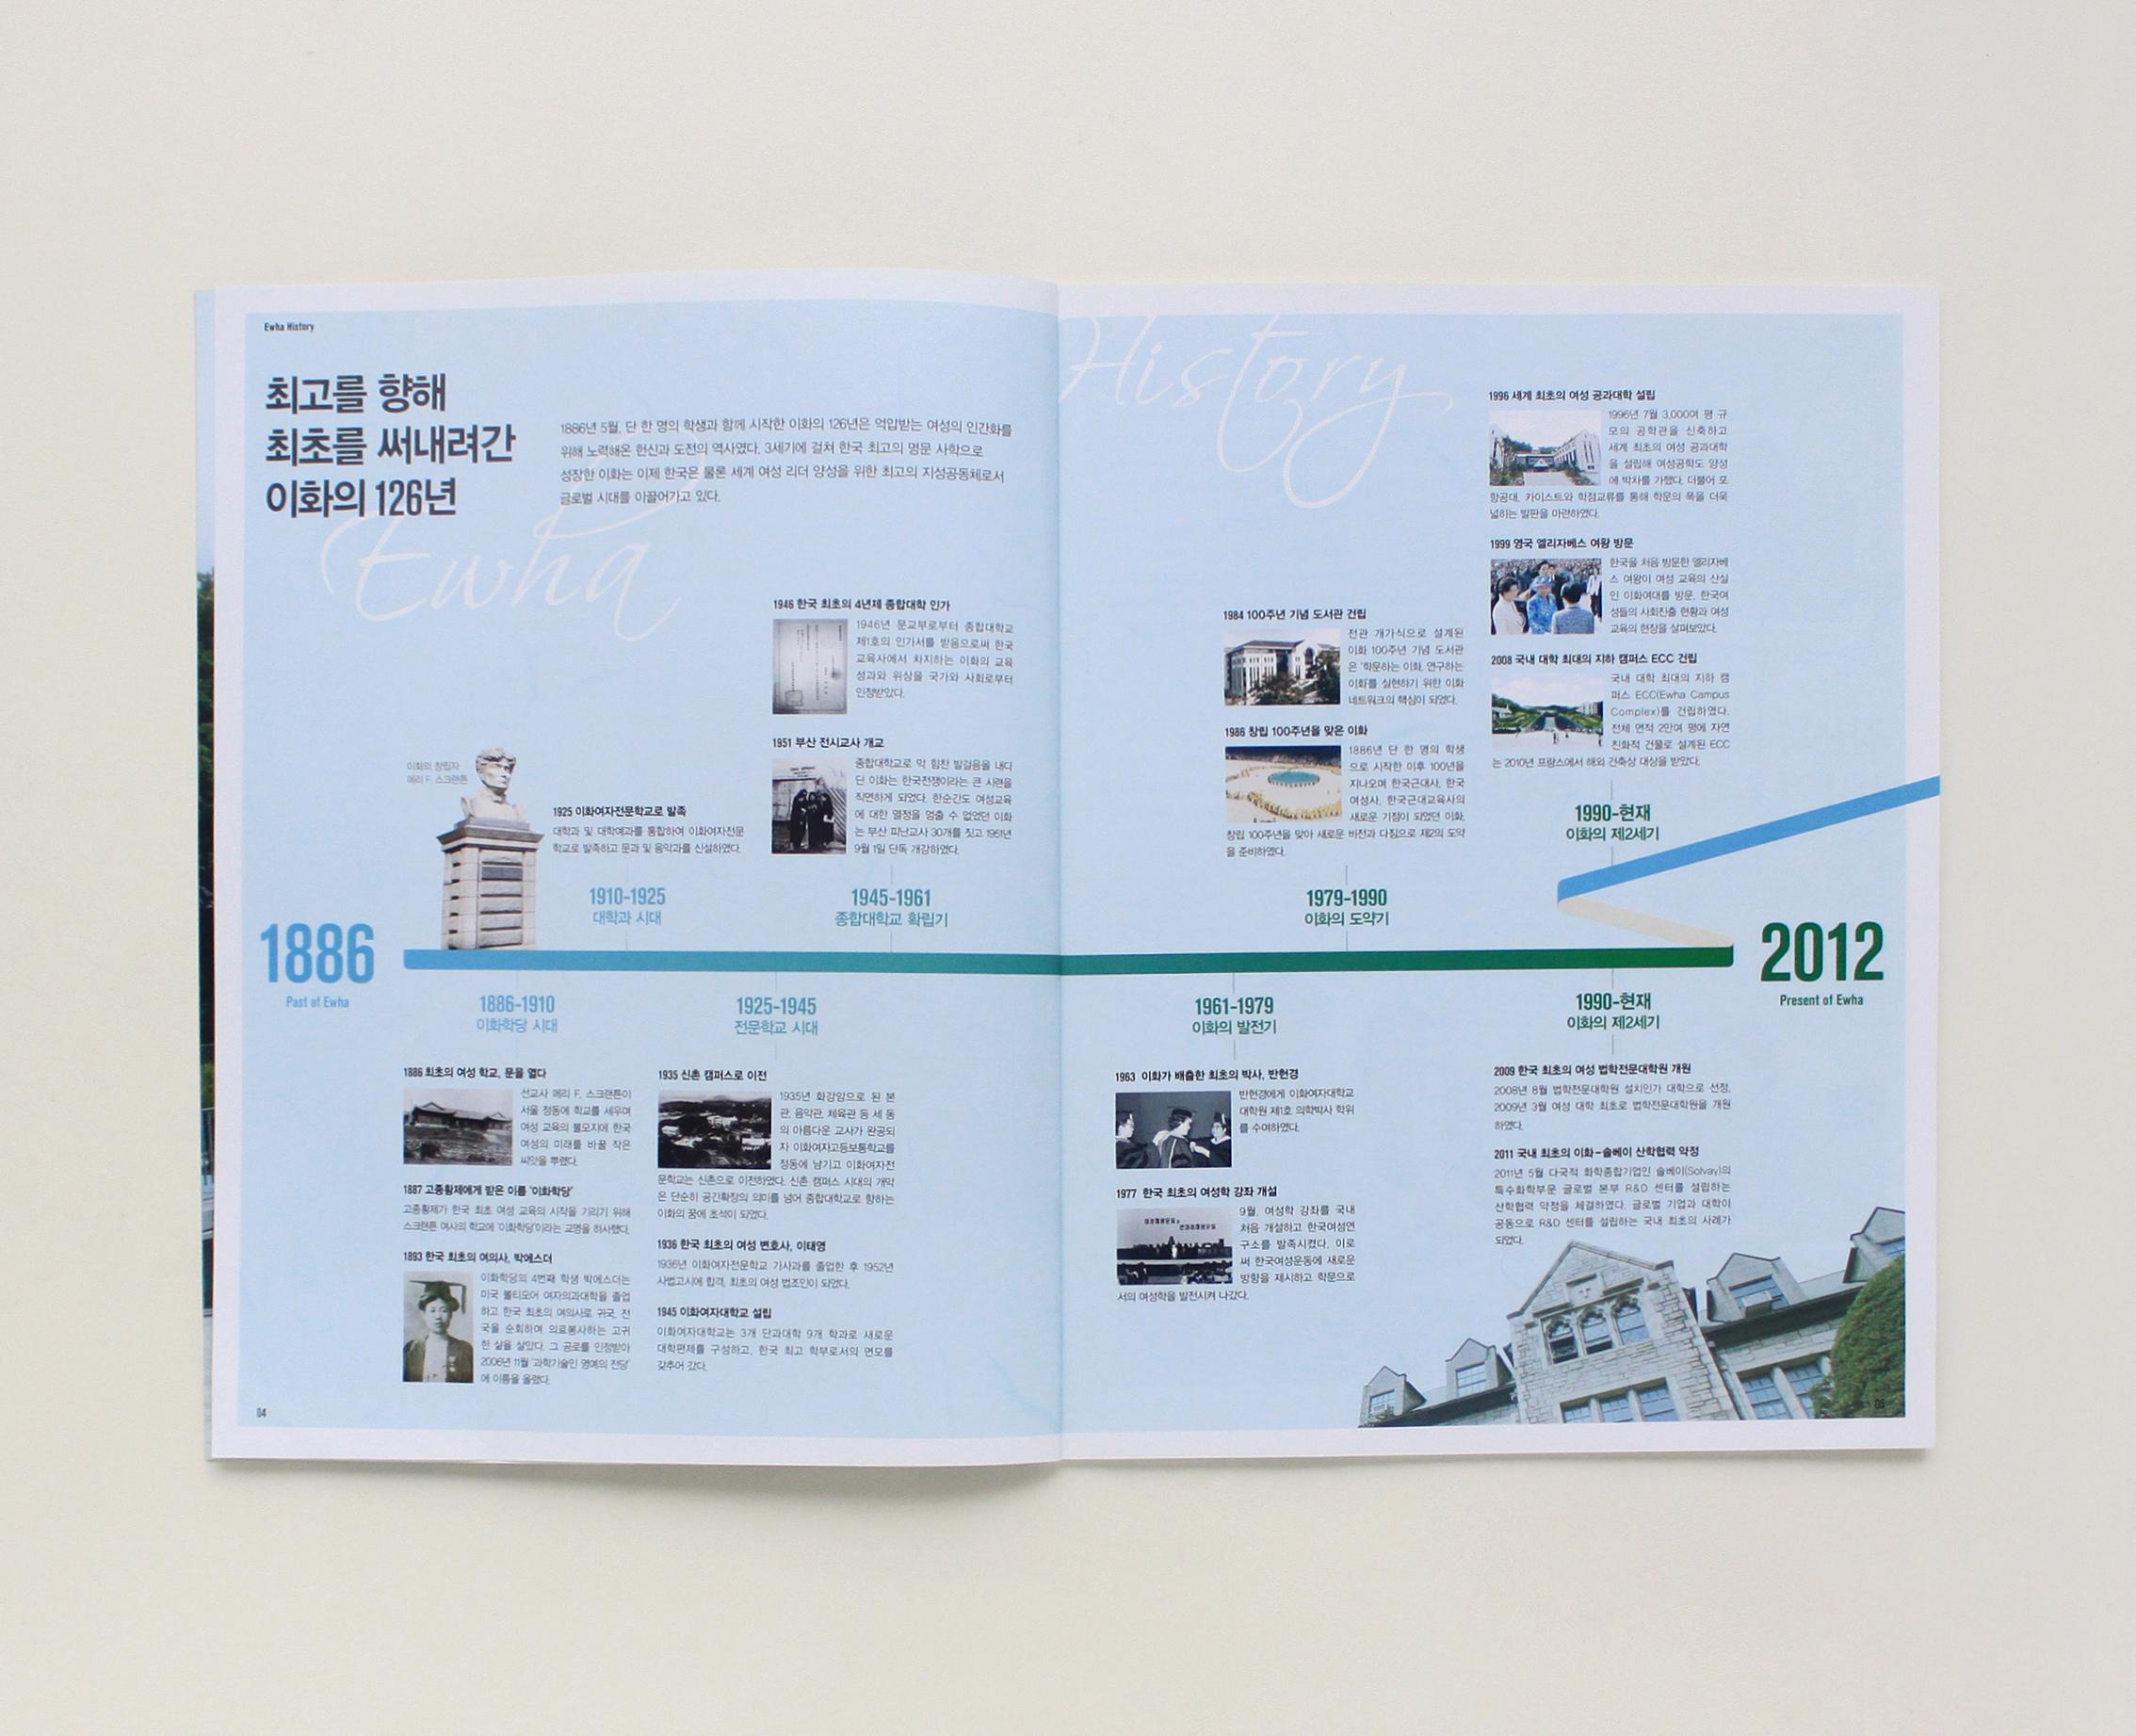 2012-이화로 vol 35 (2)